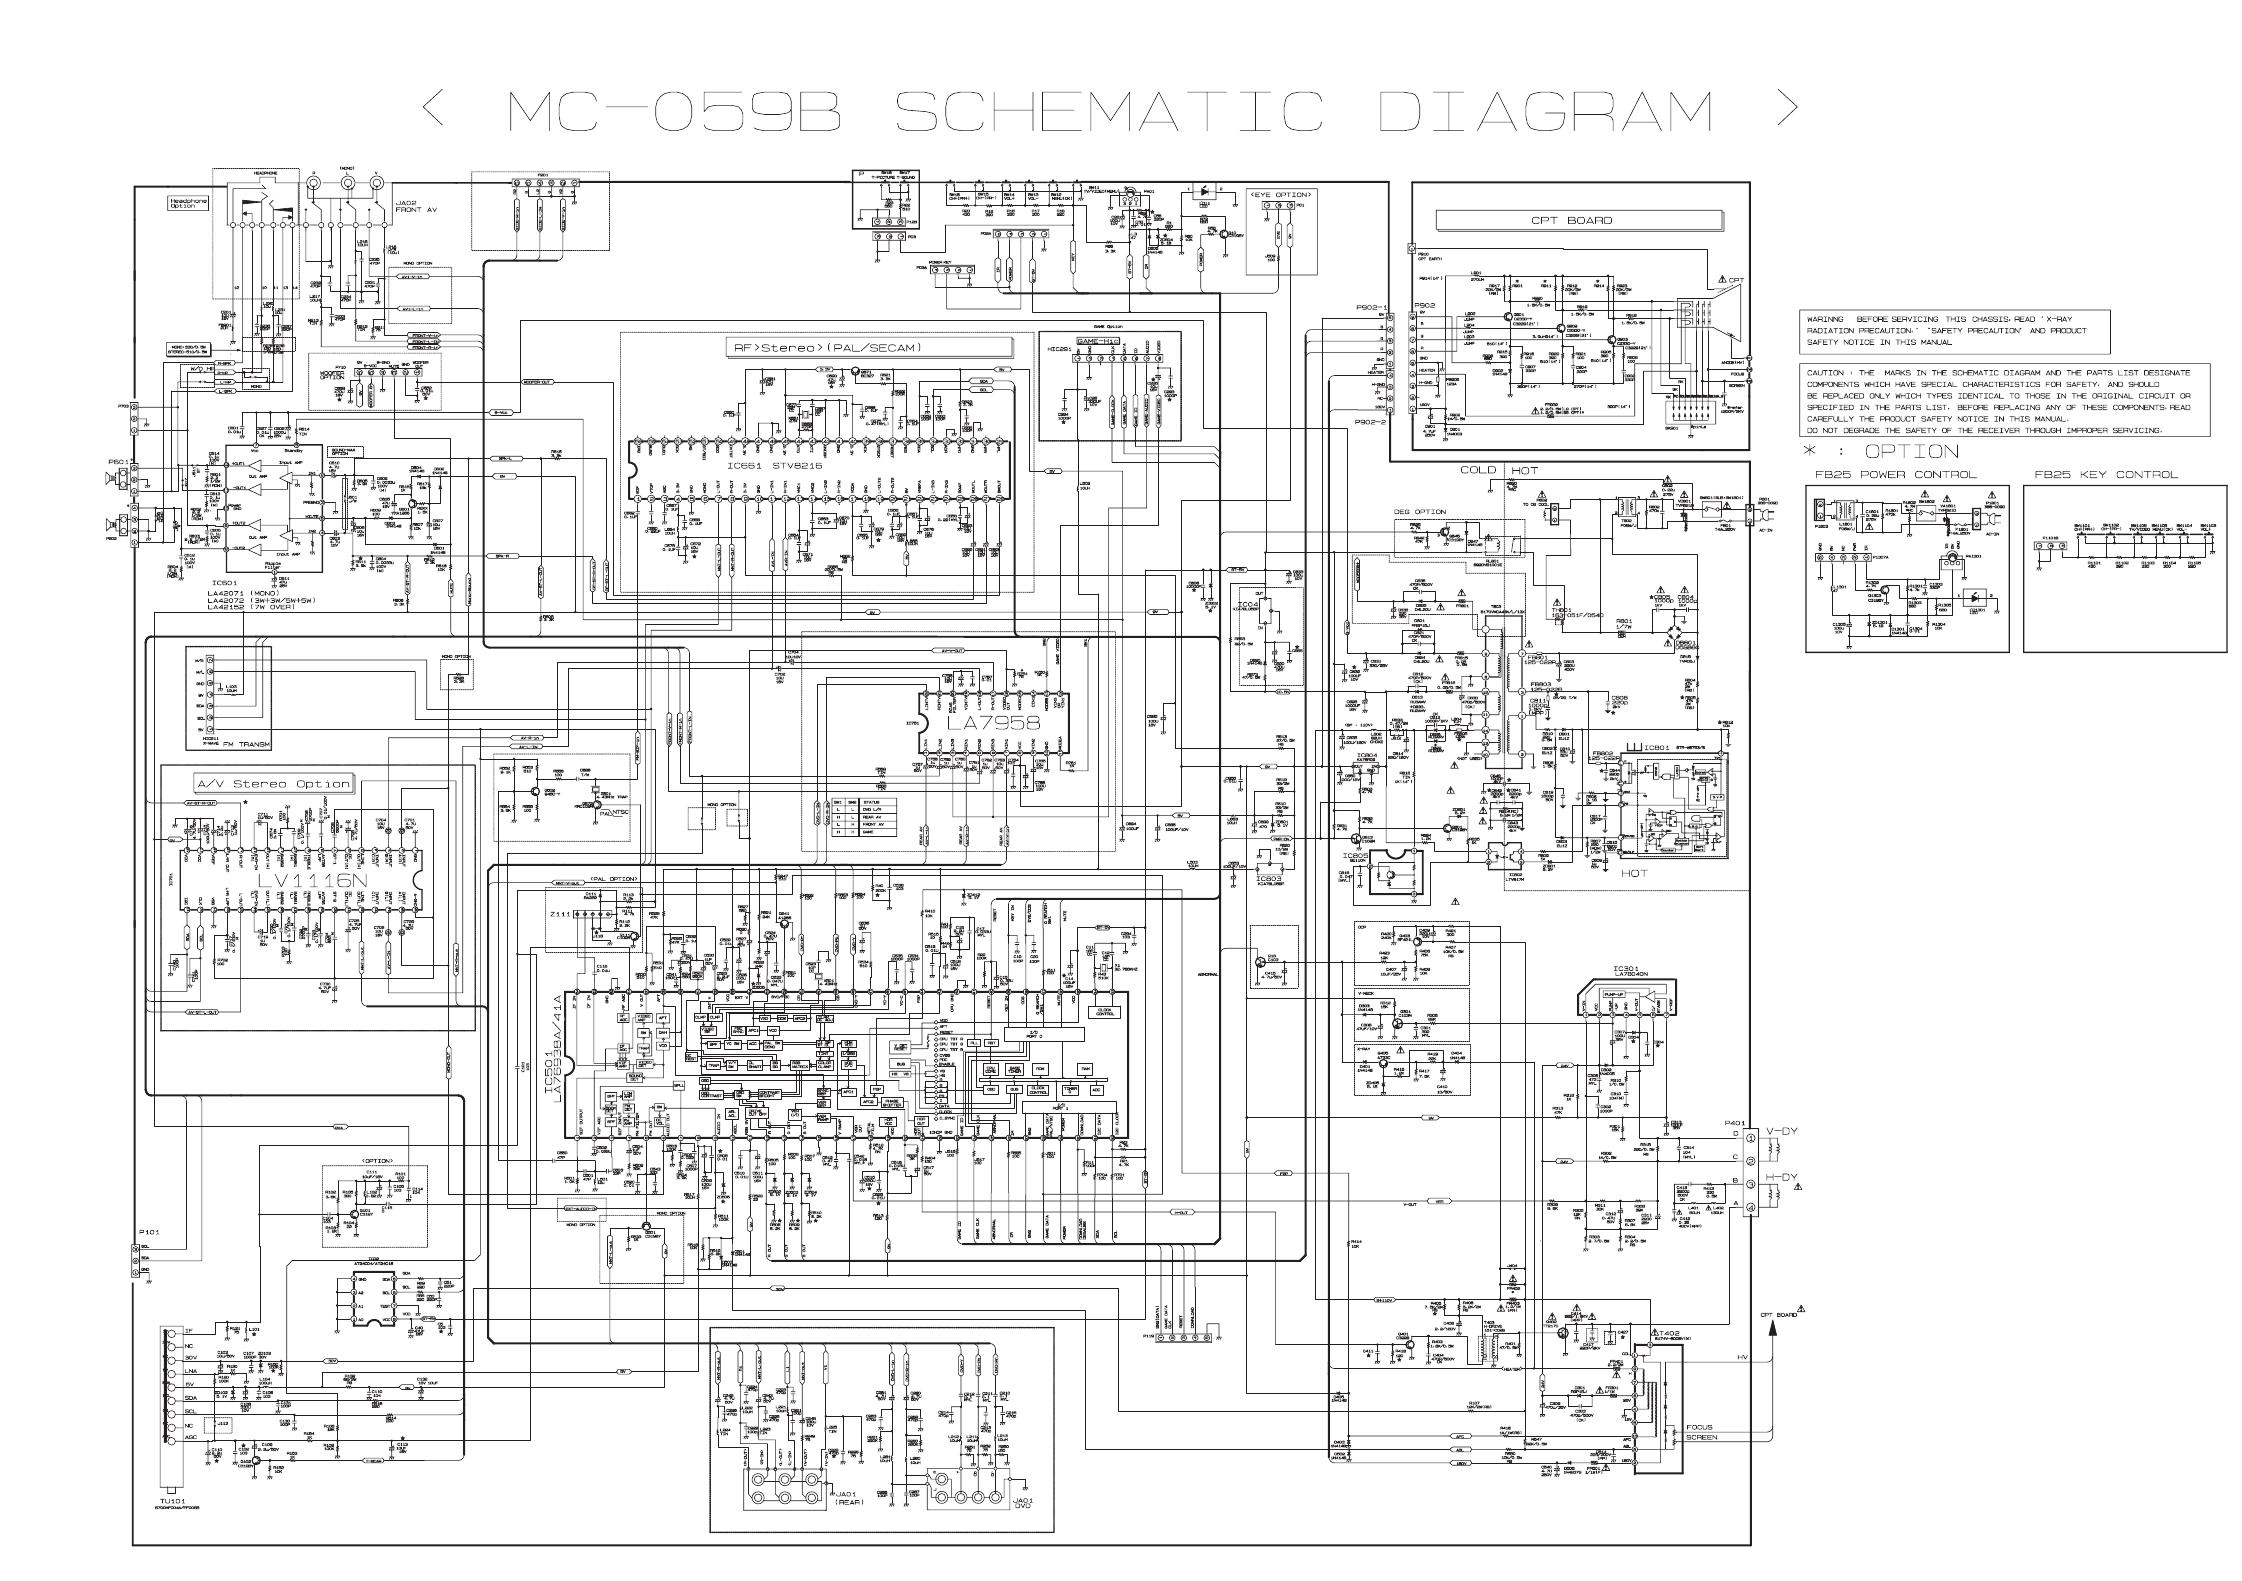 Diagram  Jvc Av N29220 Color Tv Schematic Diagram Full